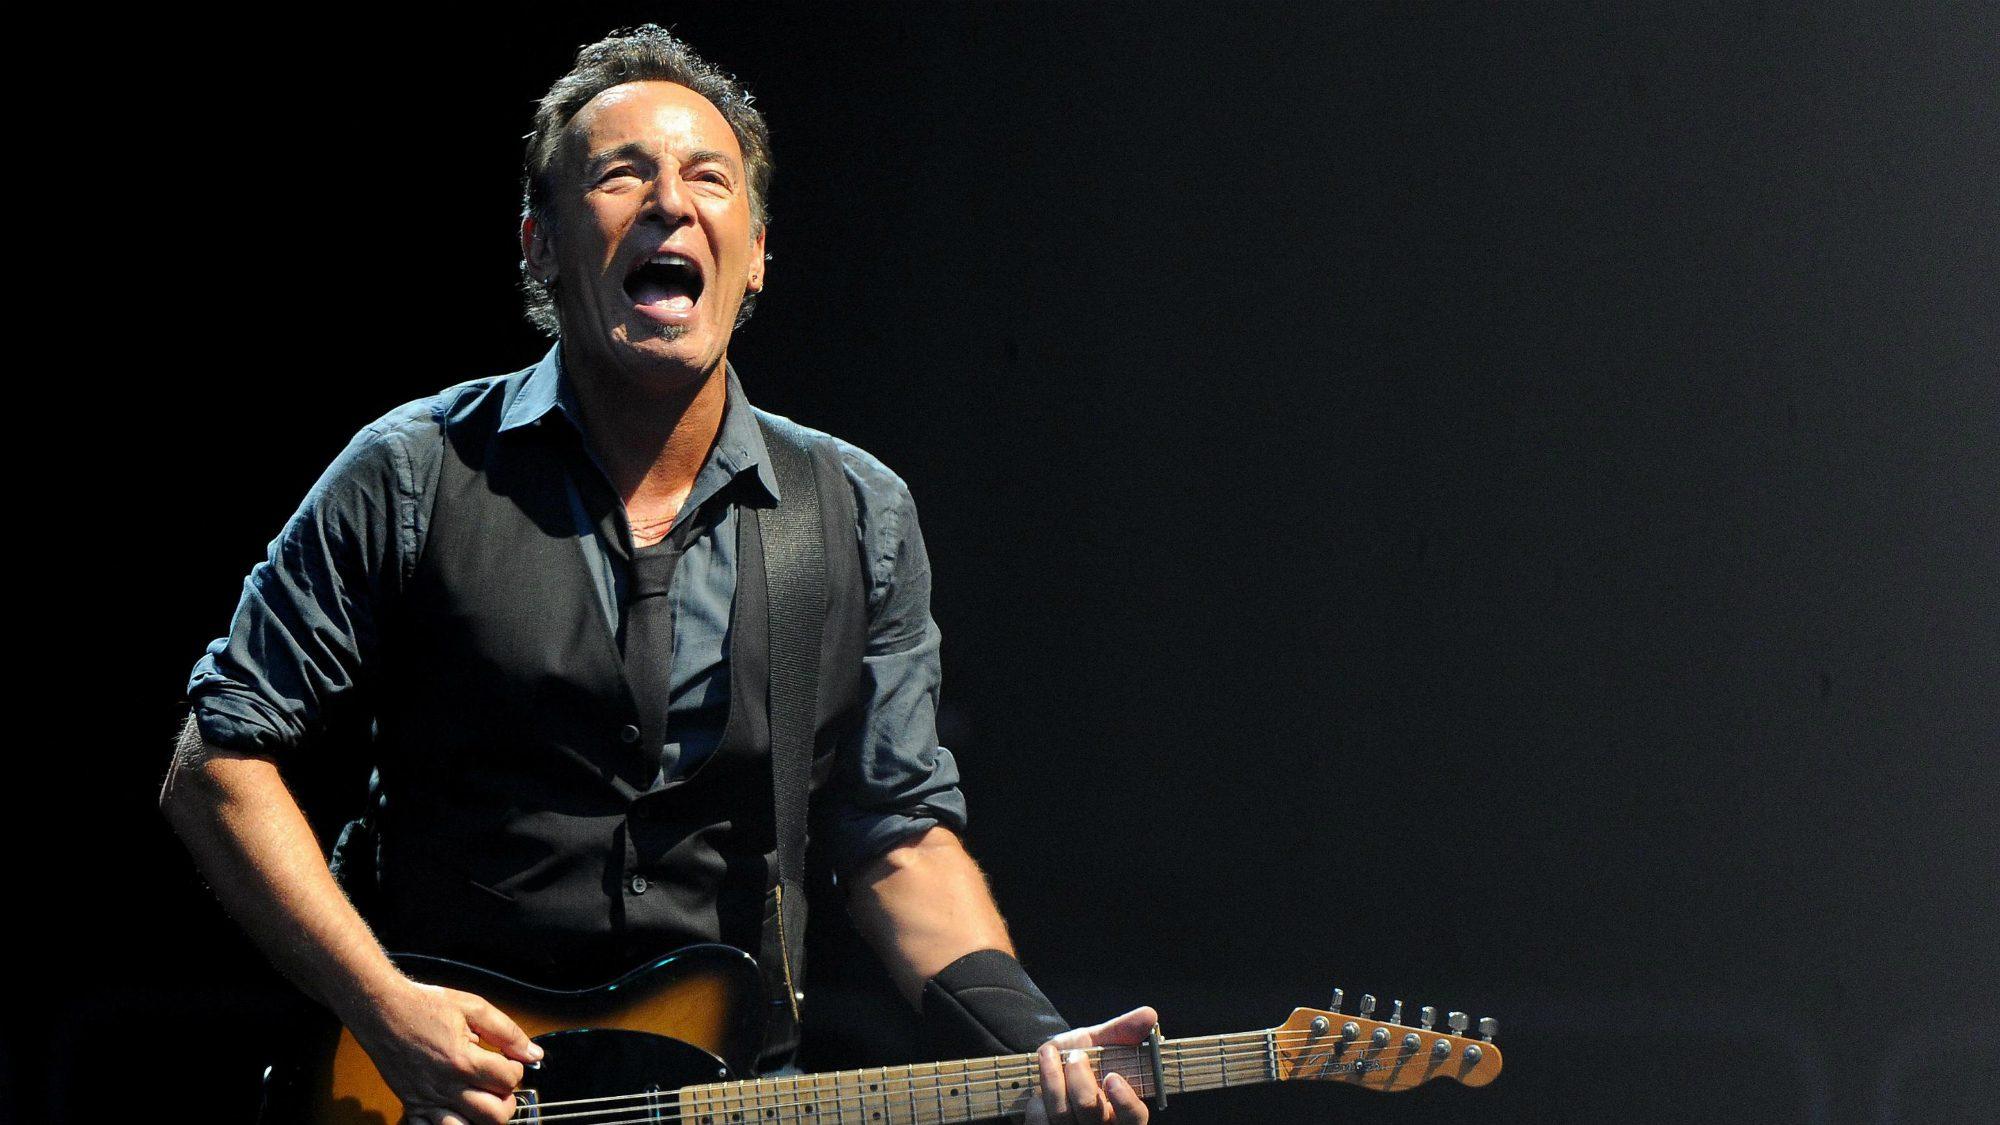 Spettacolo: tutto quello che devi sapere di Bruce Springsteen